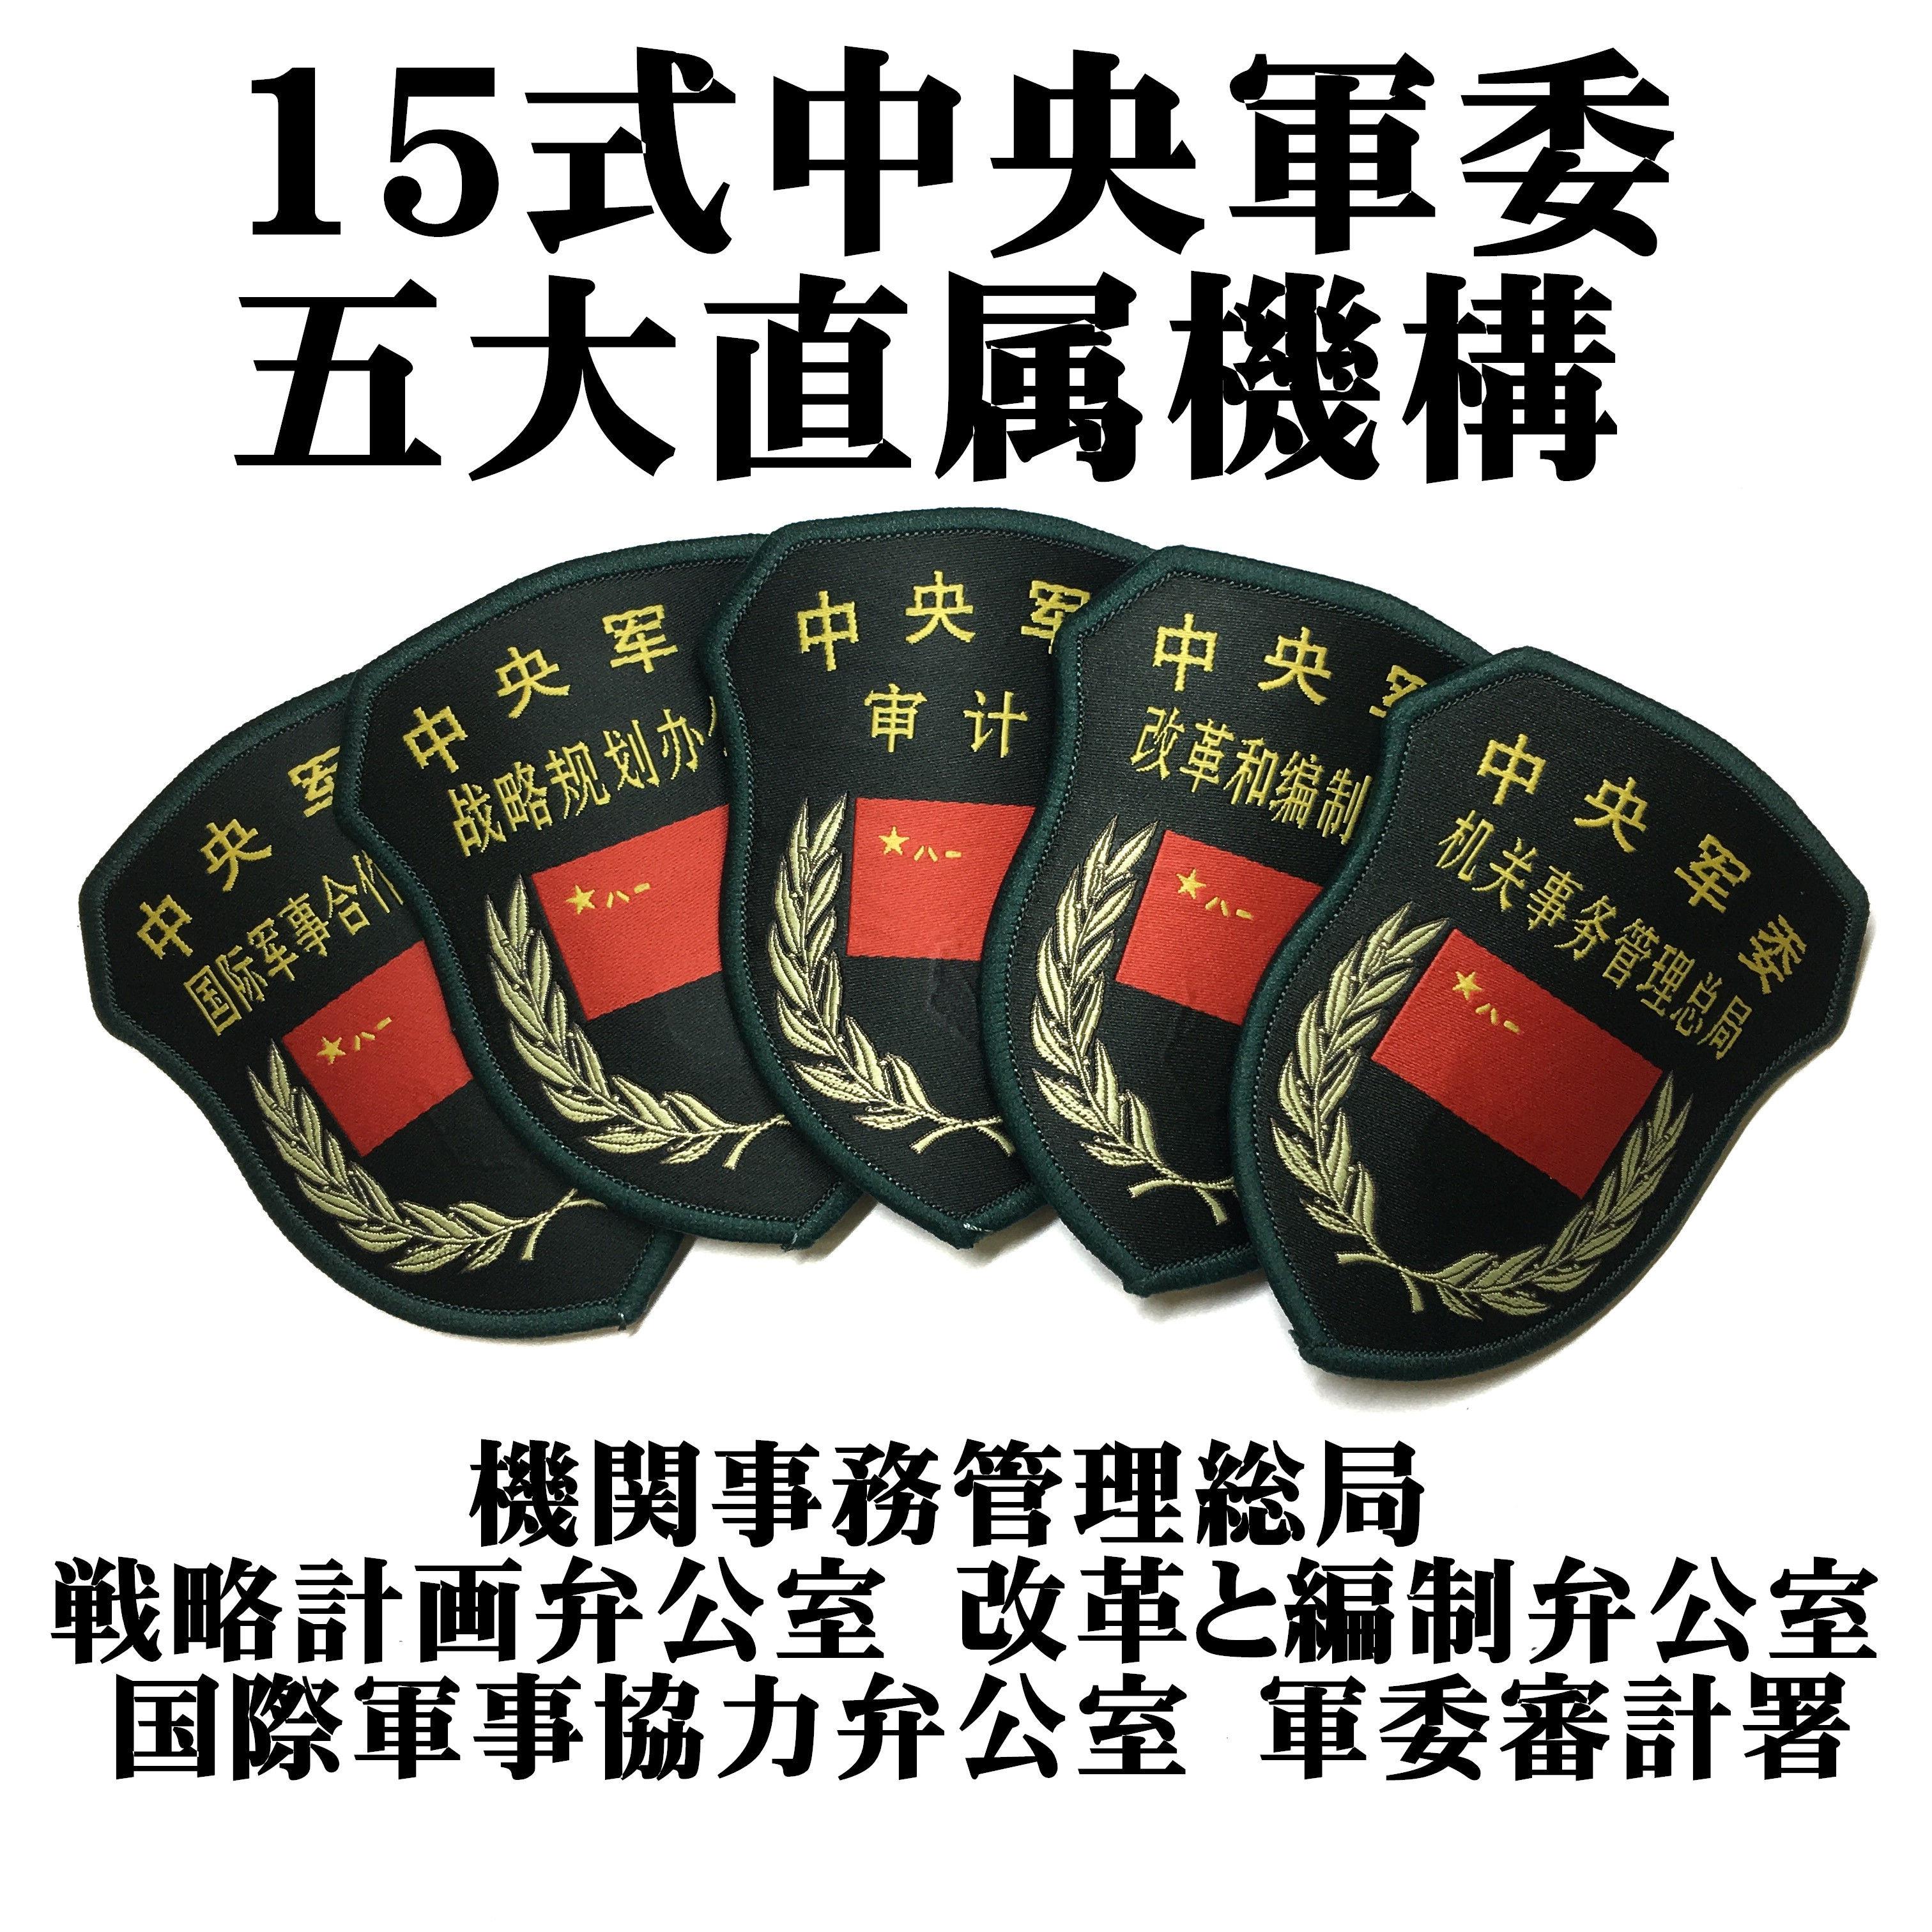 【中央軍委ー五大直属機構】中国人民解放軍15式部隊章